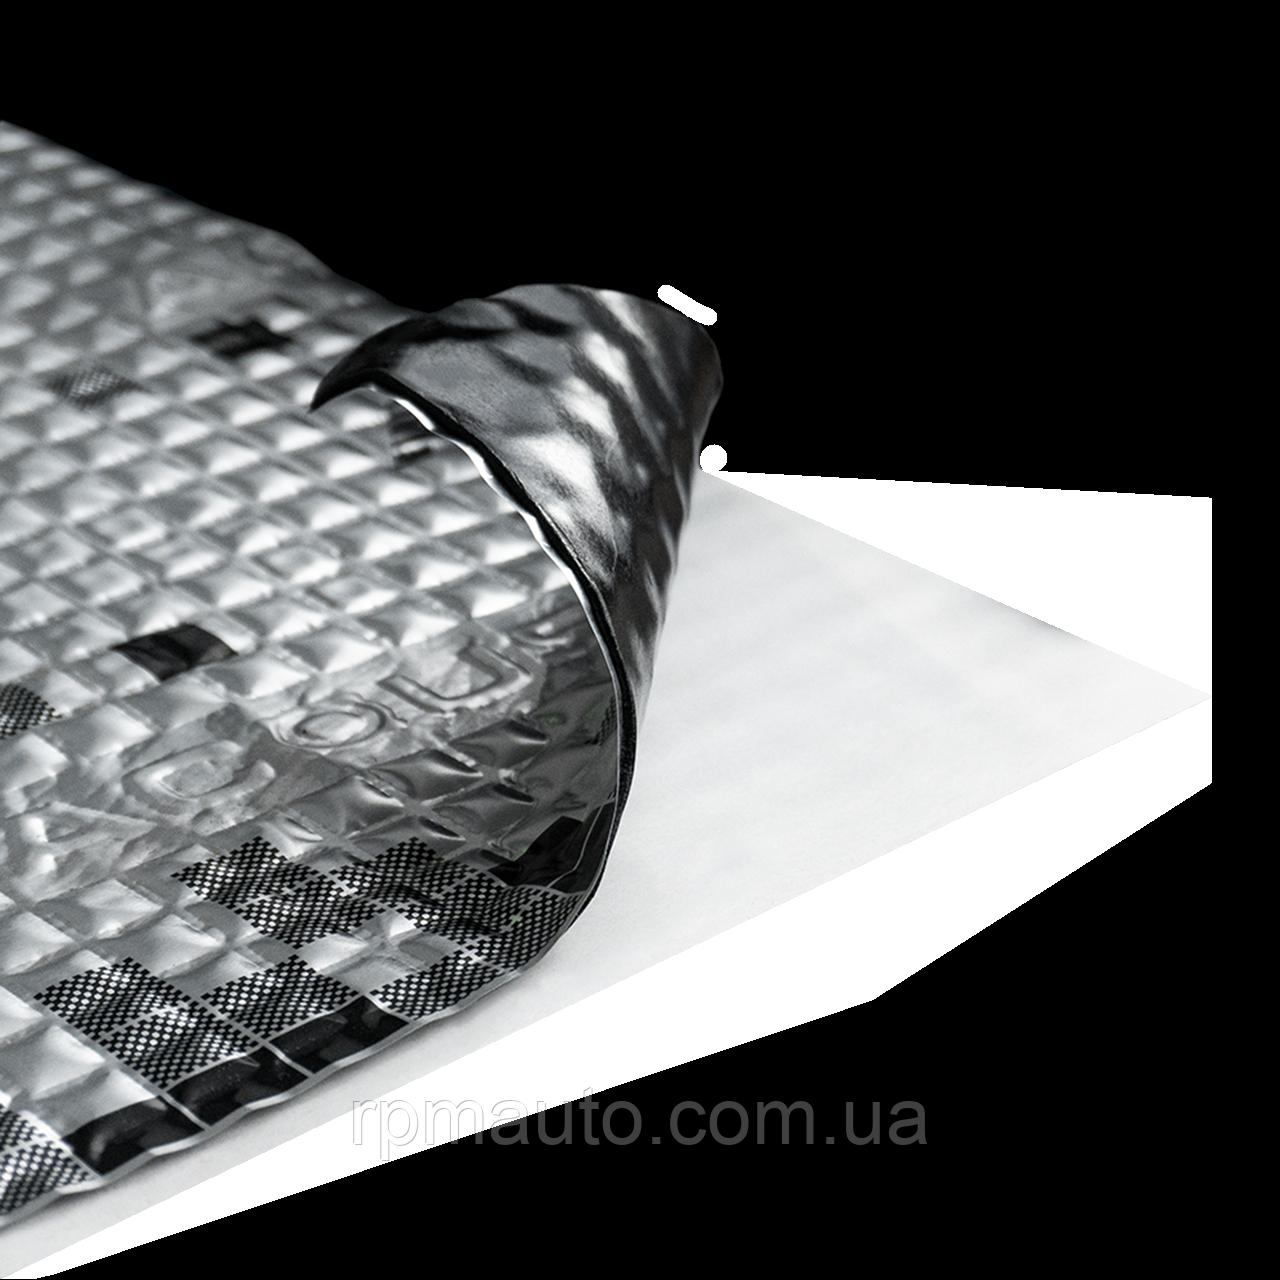 Шумоізоляція Авто Acoustics Alumat 4.0 50х37 см Обесшумка Віброізоляція Шумка Шумоізоляція Виброшумоизоляция